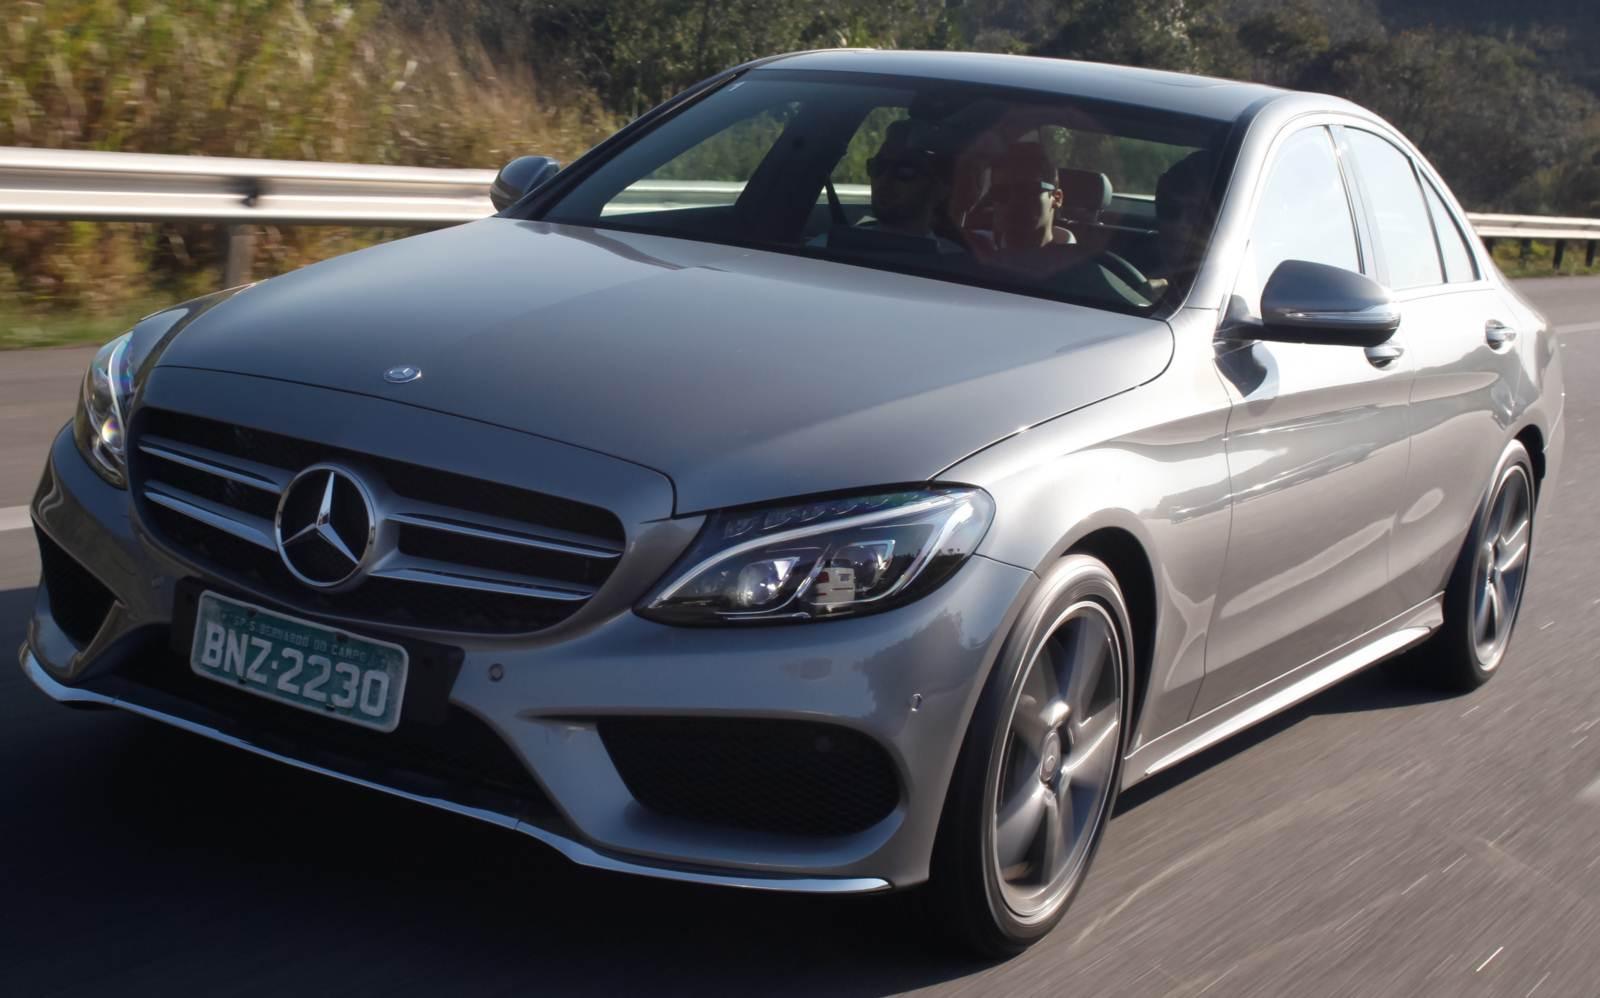 Mercedes-Benz Classe C - aumento de preço